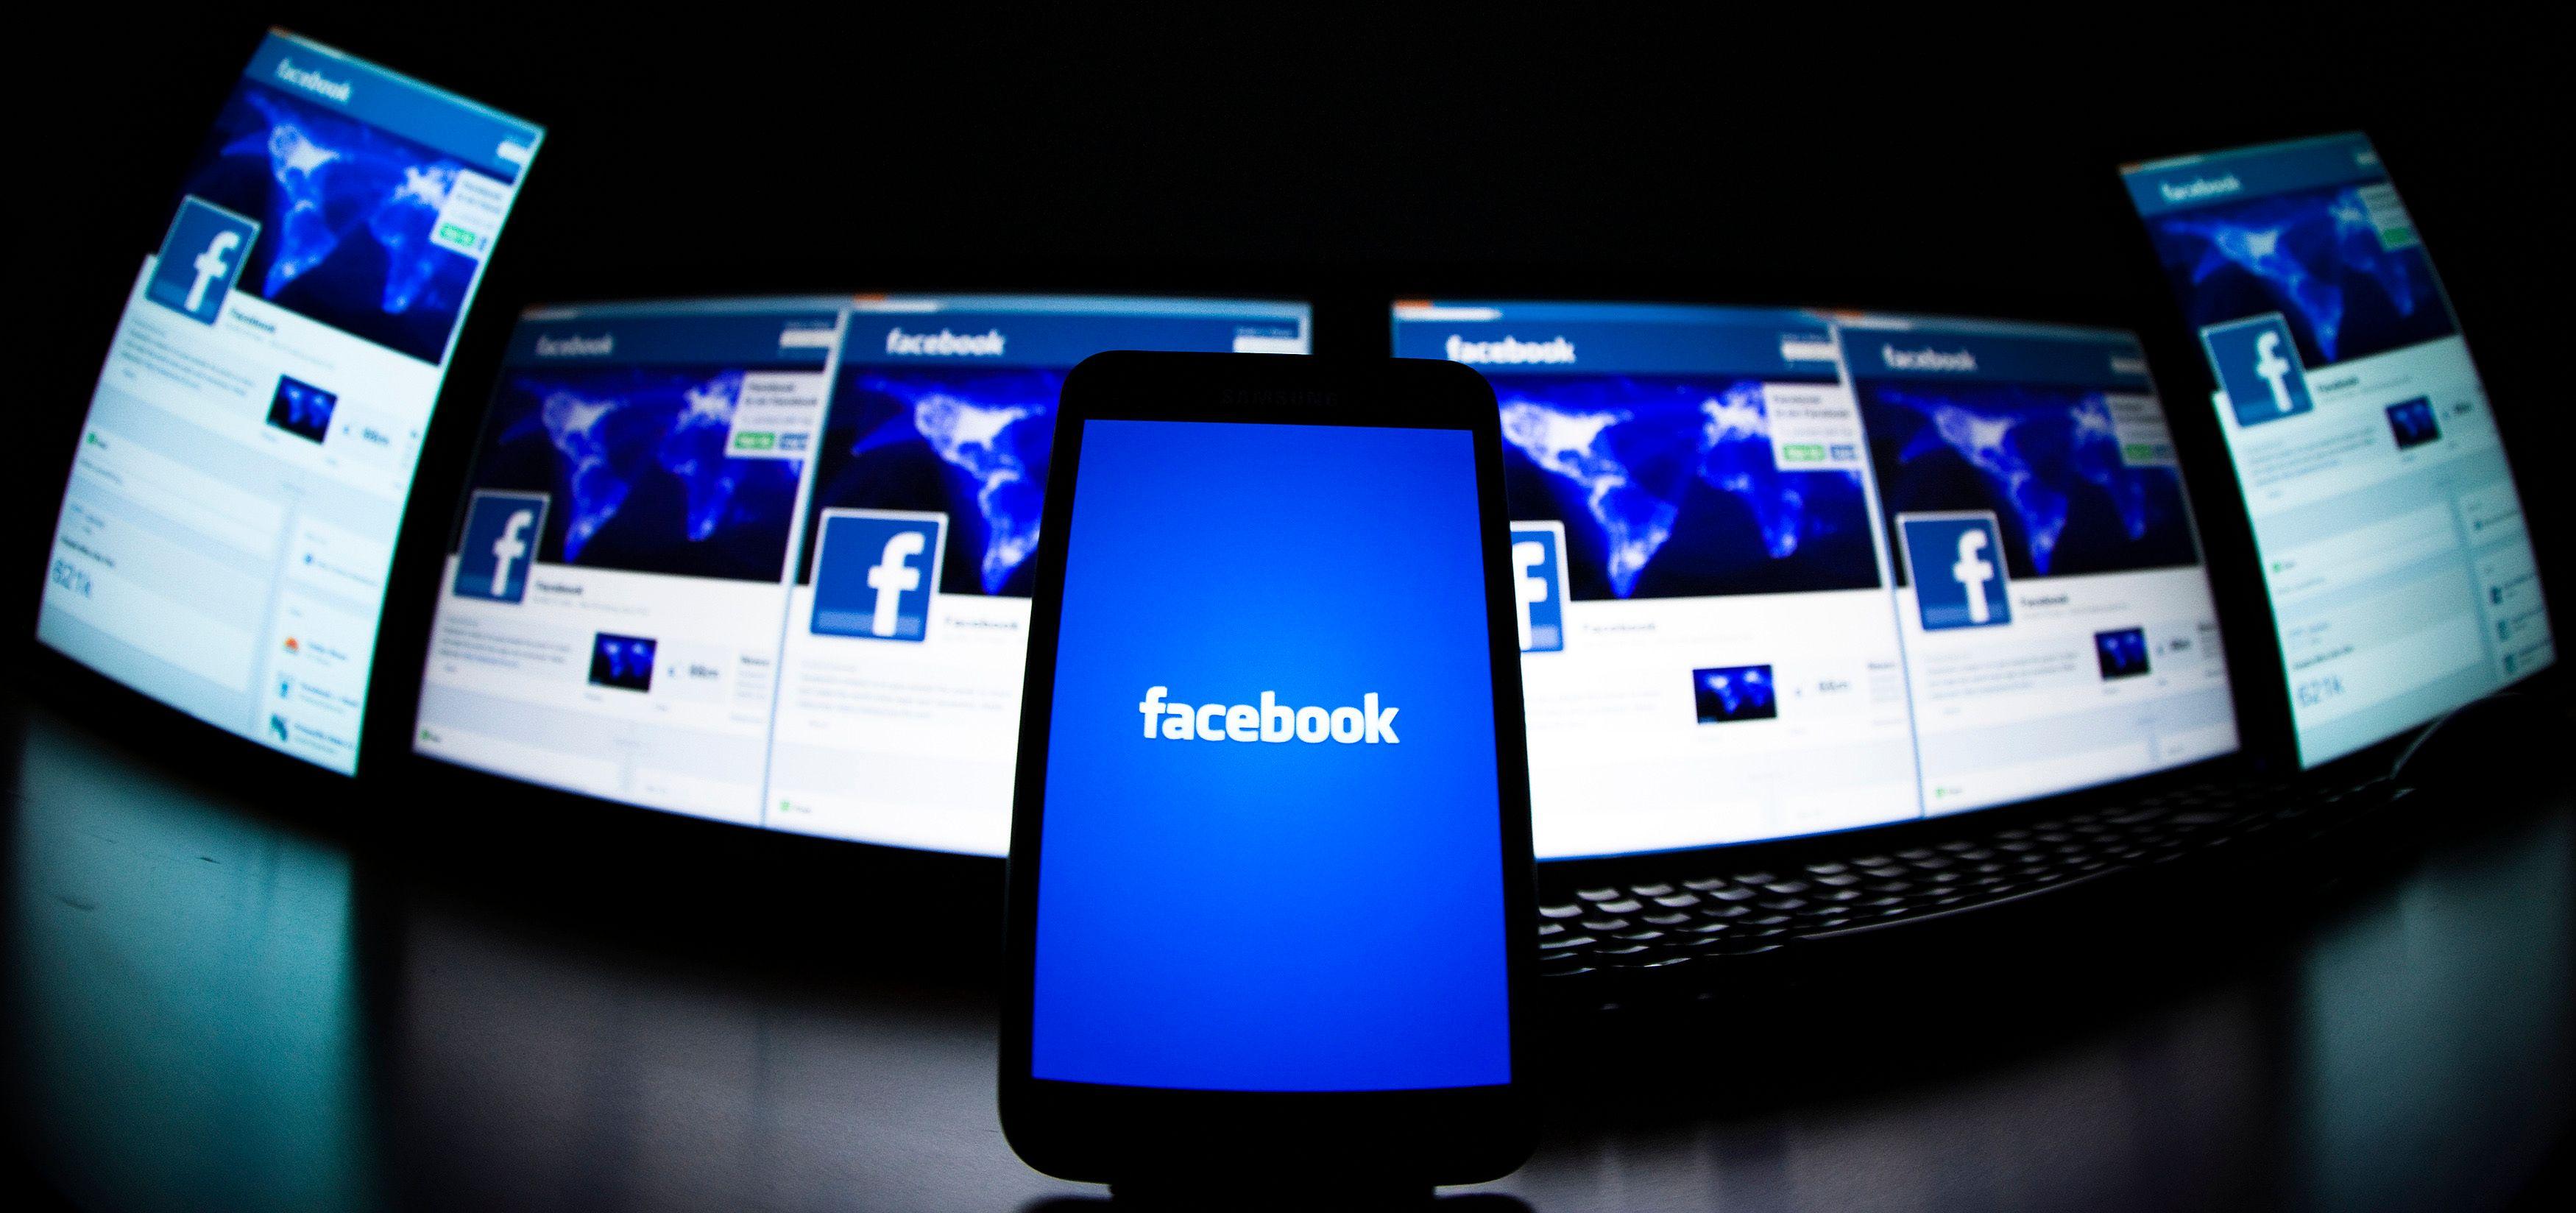 Nouveaux scandales chez Facebook, Amazon ou Apple sur l'utilisation des données privées : les gouvernements bientôt obligés d'intervenir pour protéger la démocratie ?